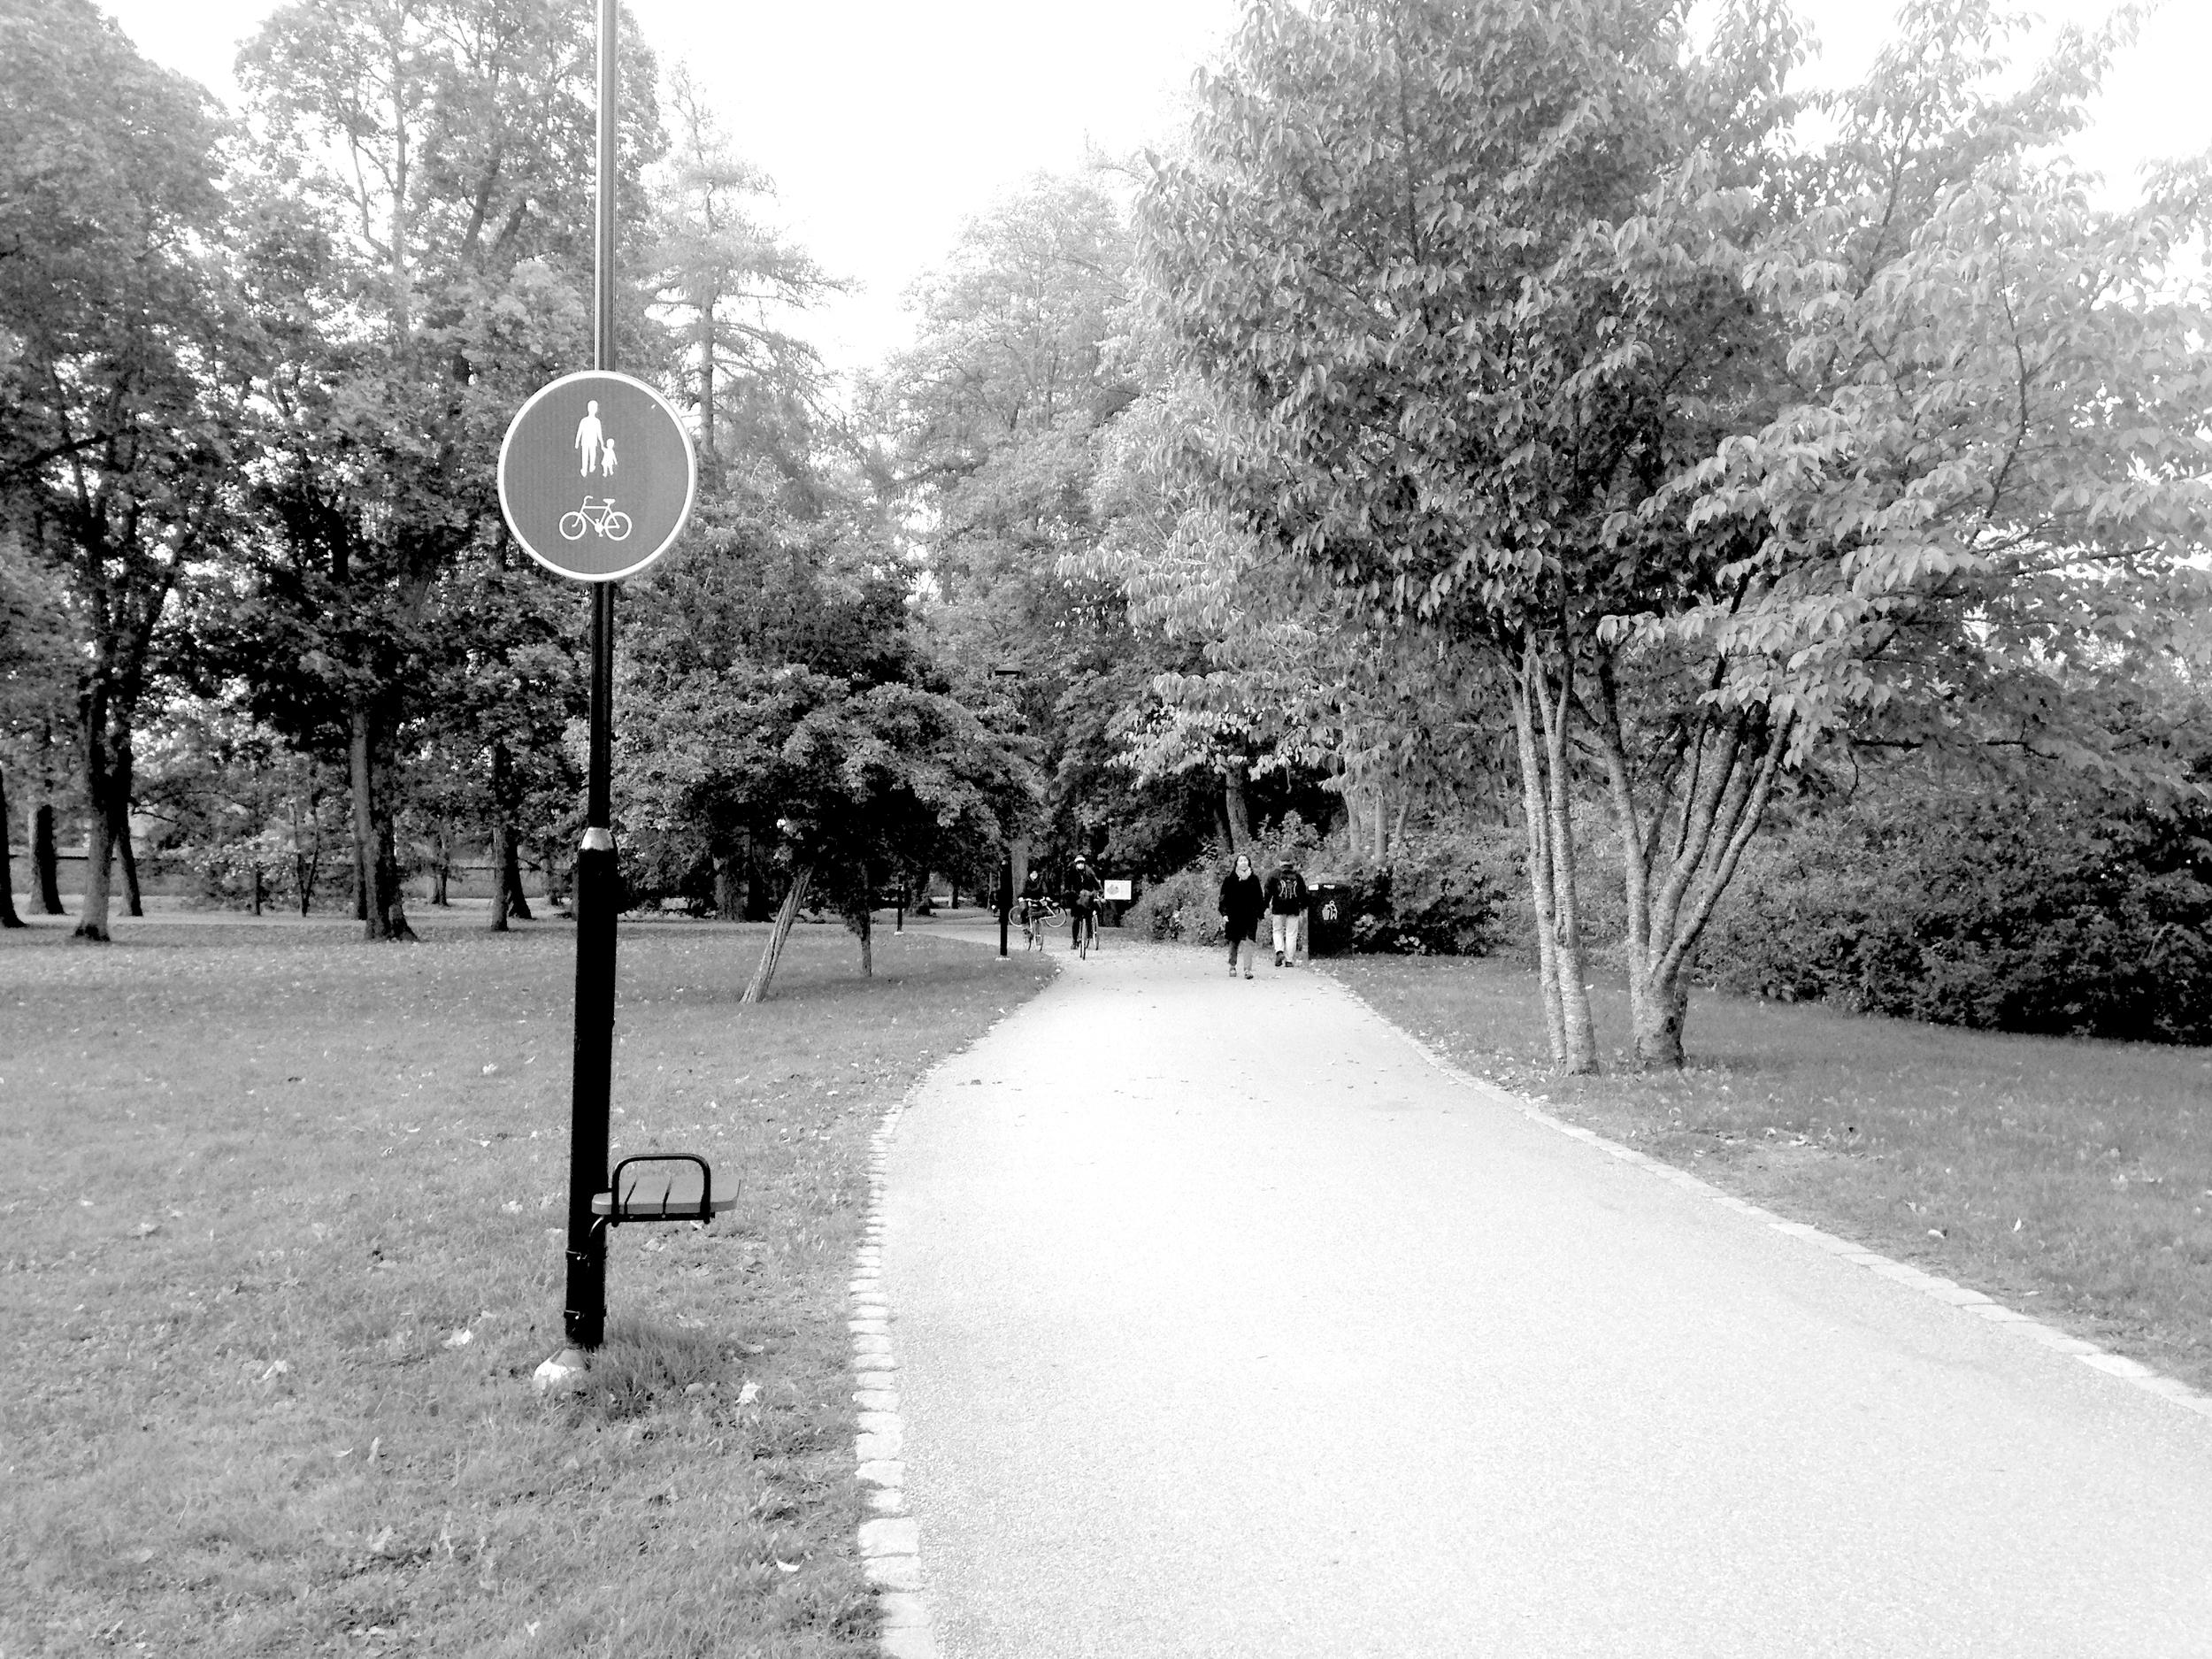 Separering av cyklister och gående från andra trafikanter är en effektiv åtgärd för att öka trafiksäkerheten (Trafikverket 2011).